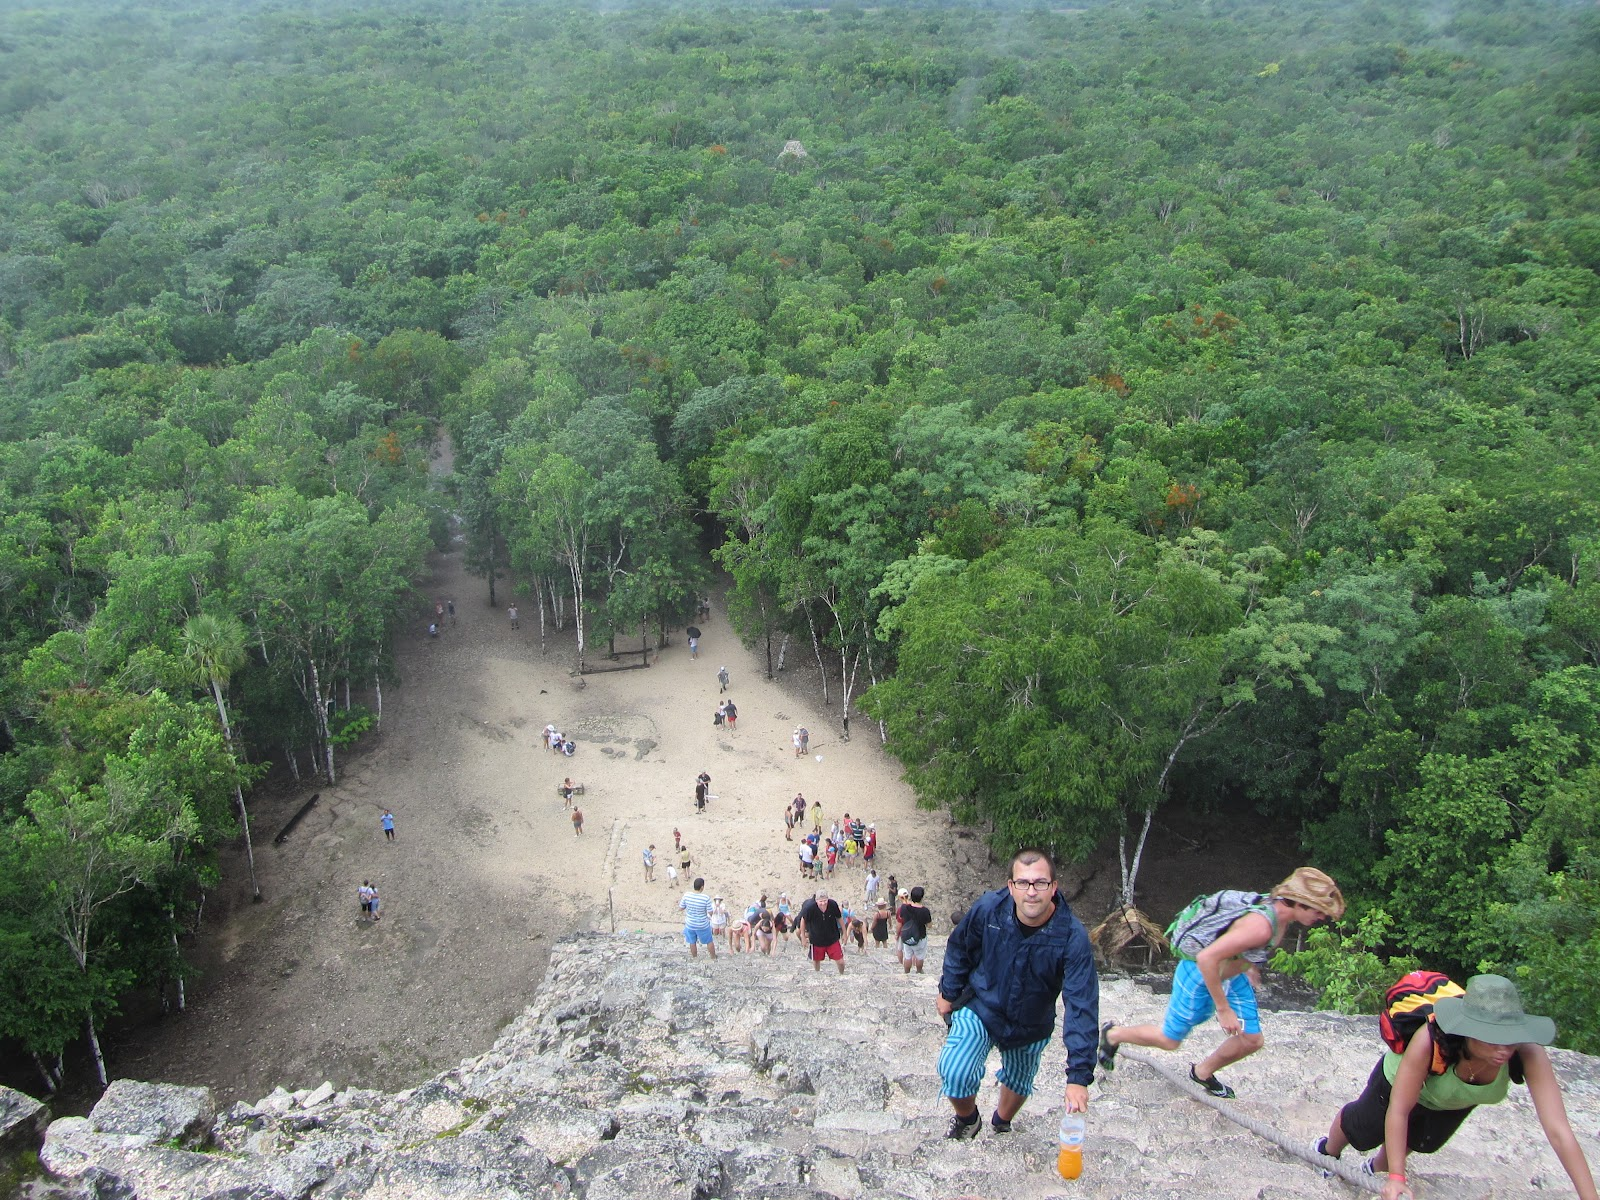 Visitar as ruínas de COBA | Uma ruína maia escondida na selva do México